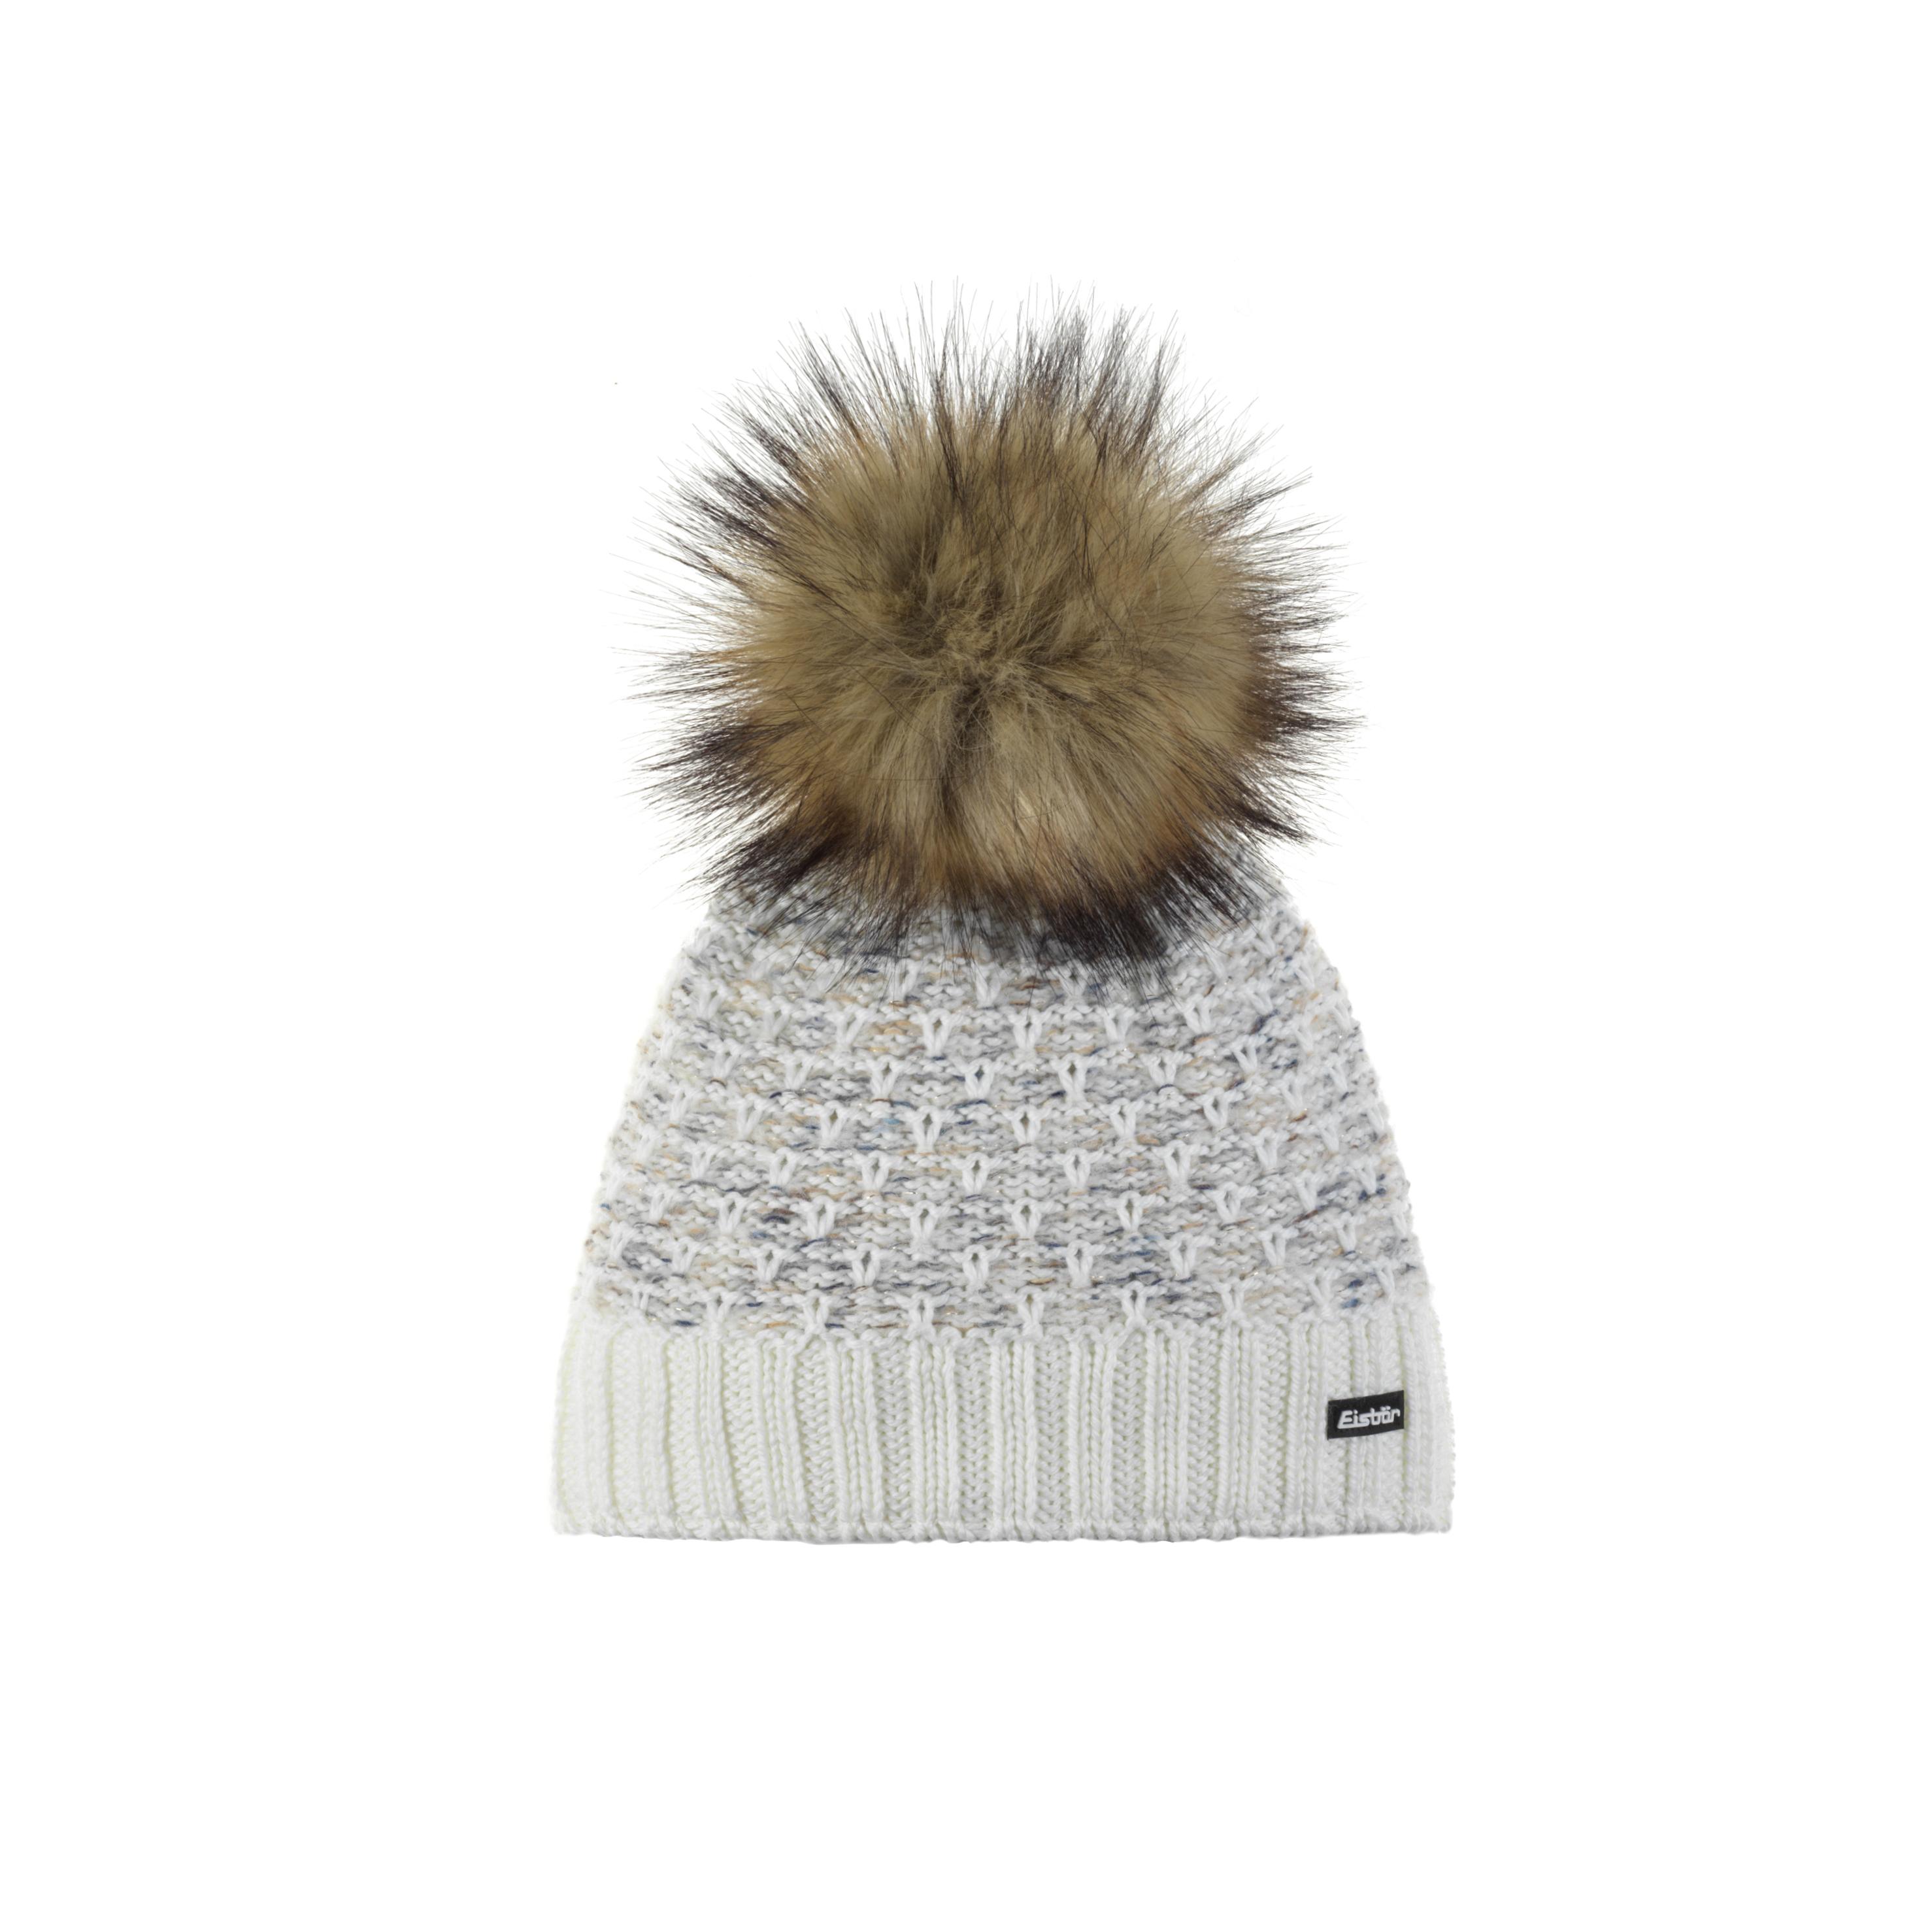 Eisbär Pansy Lux Mütze